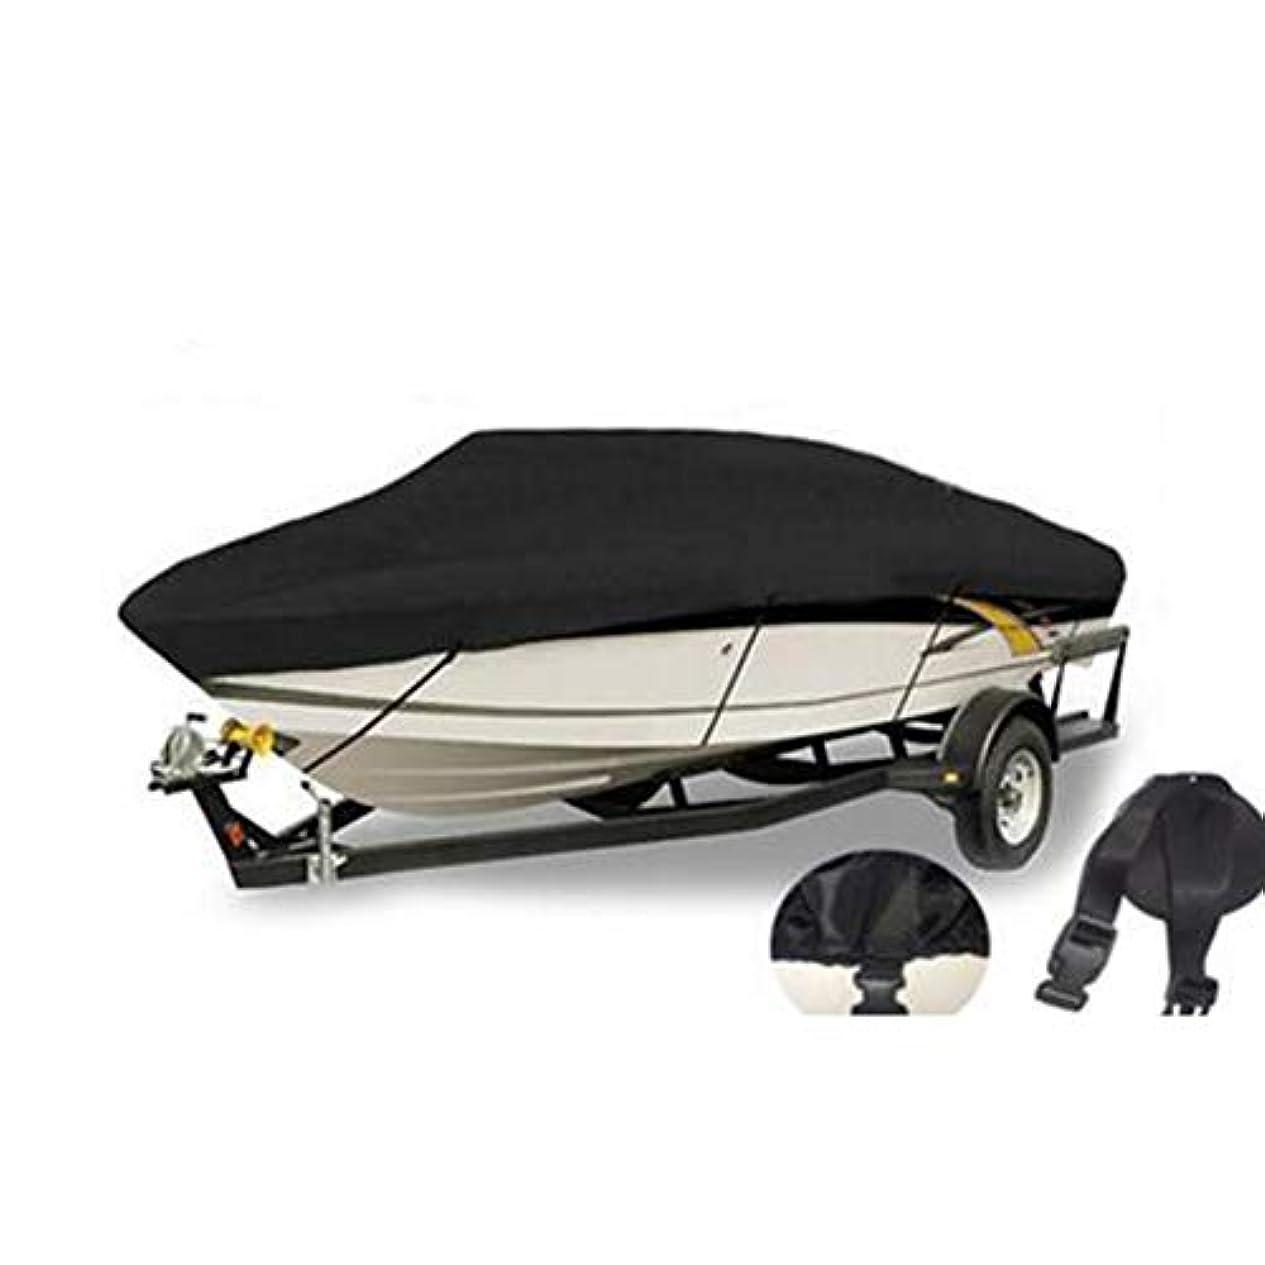 予感プレミアチャーターボートカバー防水防水シートヨット防塵カバー日焼け止め420 Dオックスフォード布V型、4サイズをカスタマイズすることができます